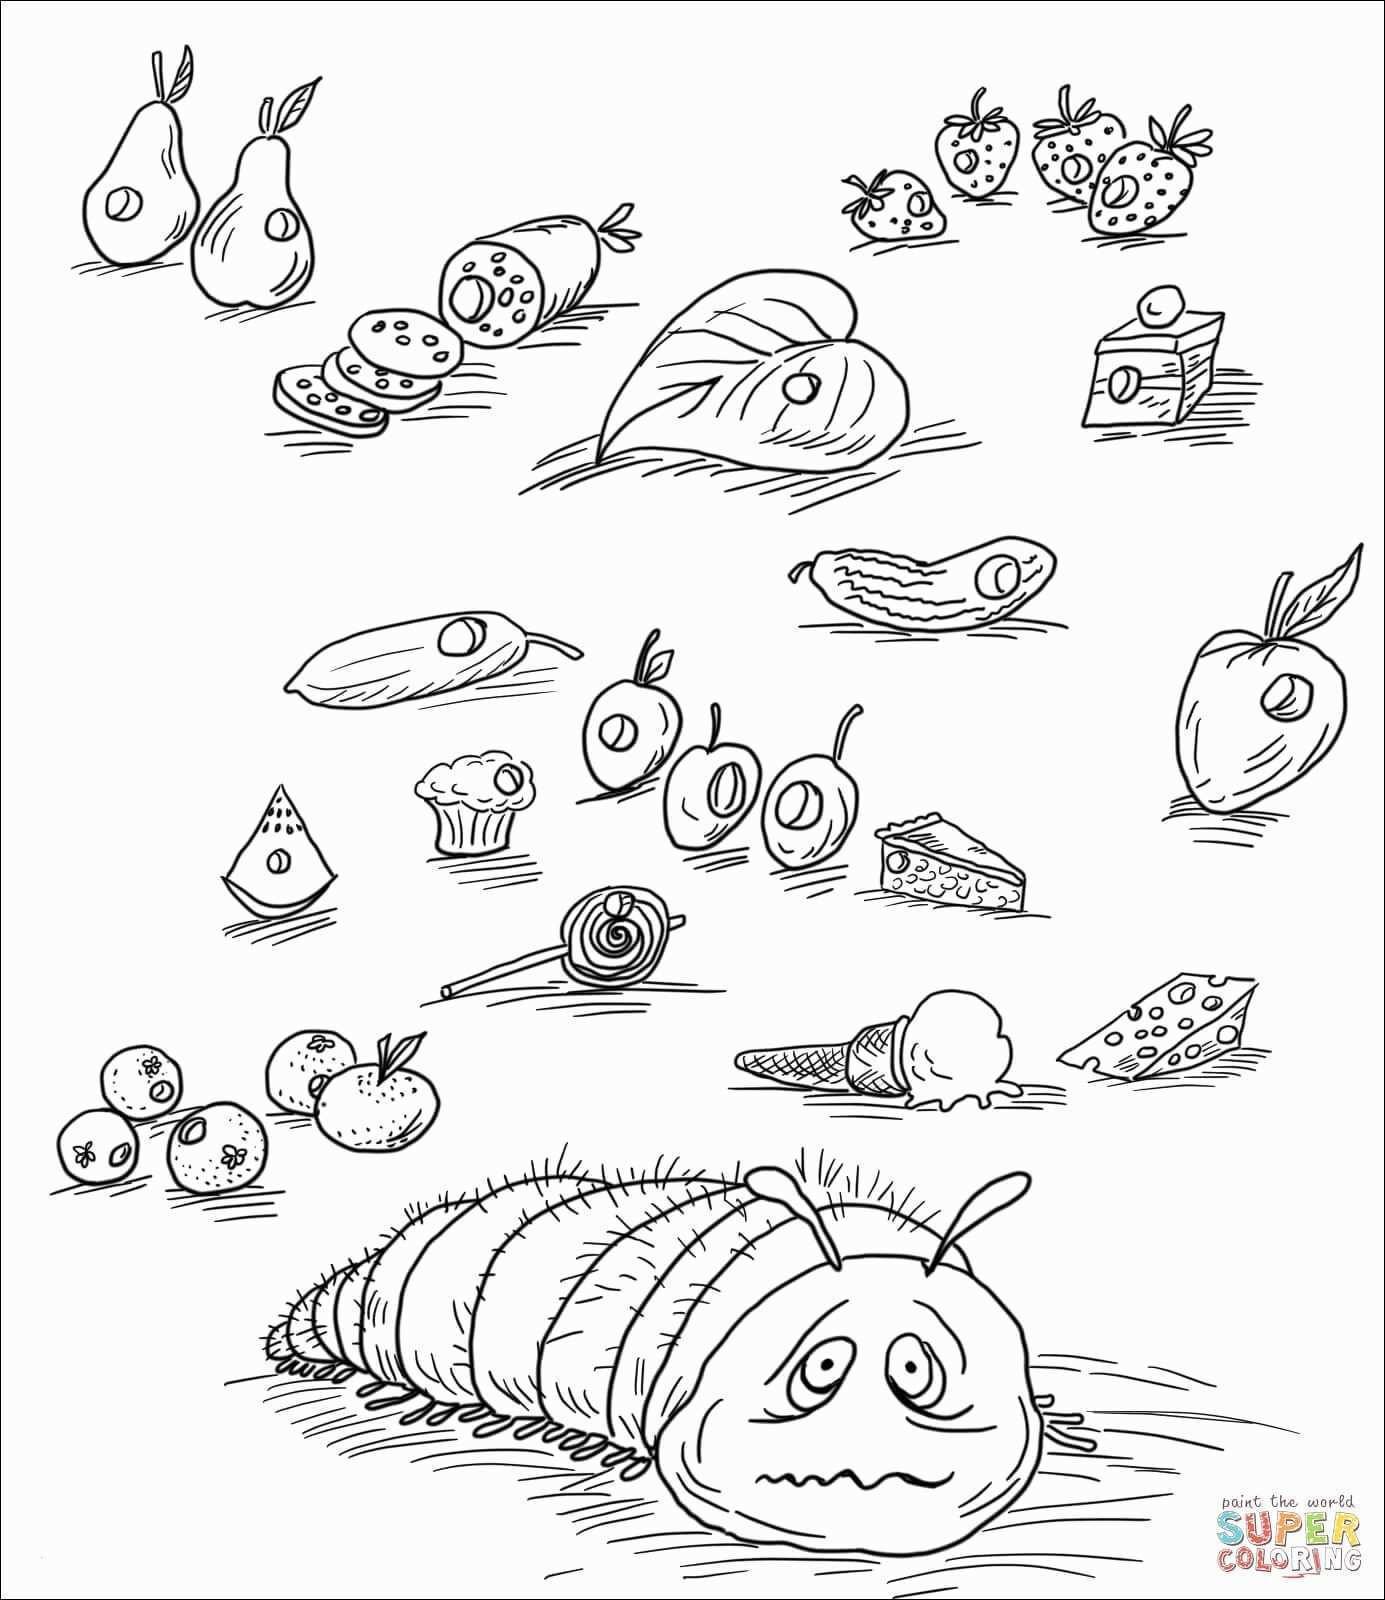 Ostereier Ausmalbilder Zum Ausdrucken Frisch Ostereier Malvorlagen Kostenlos Image – Ausmalbilder Ideen Sammlung